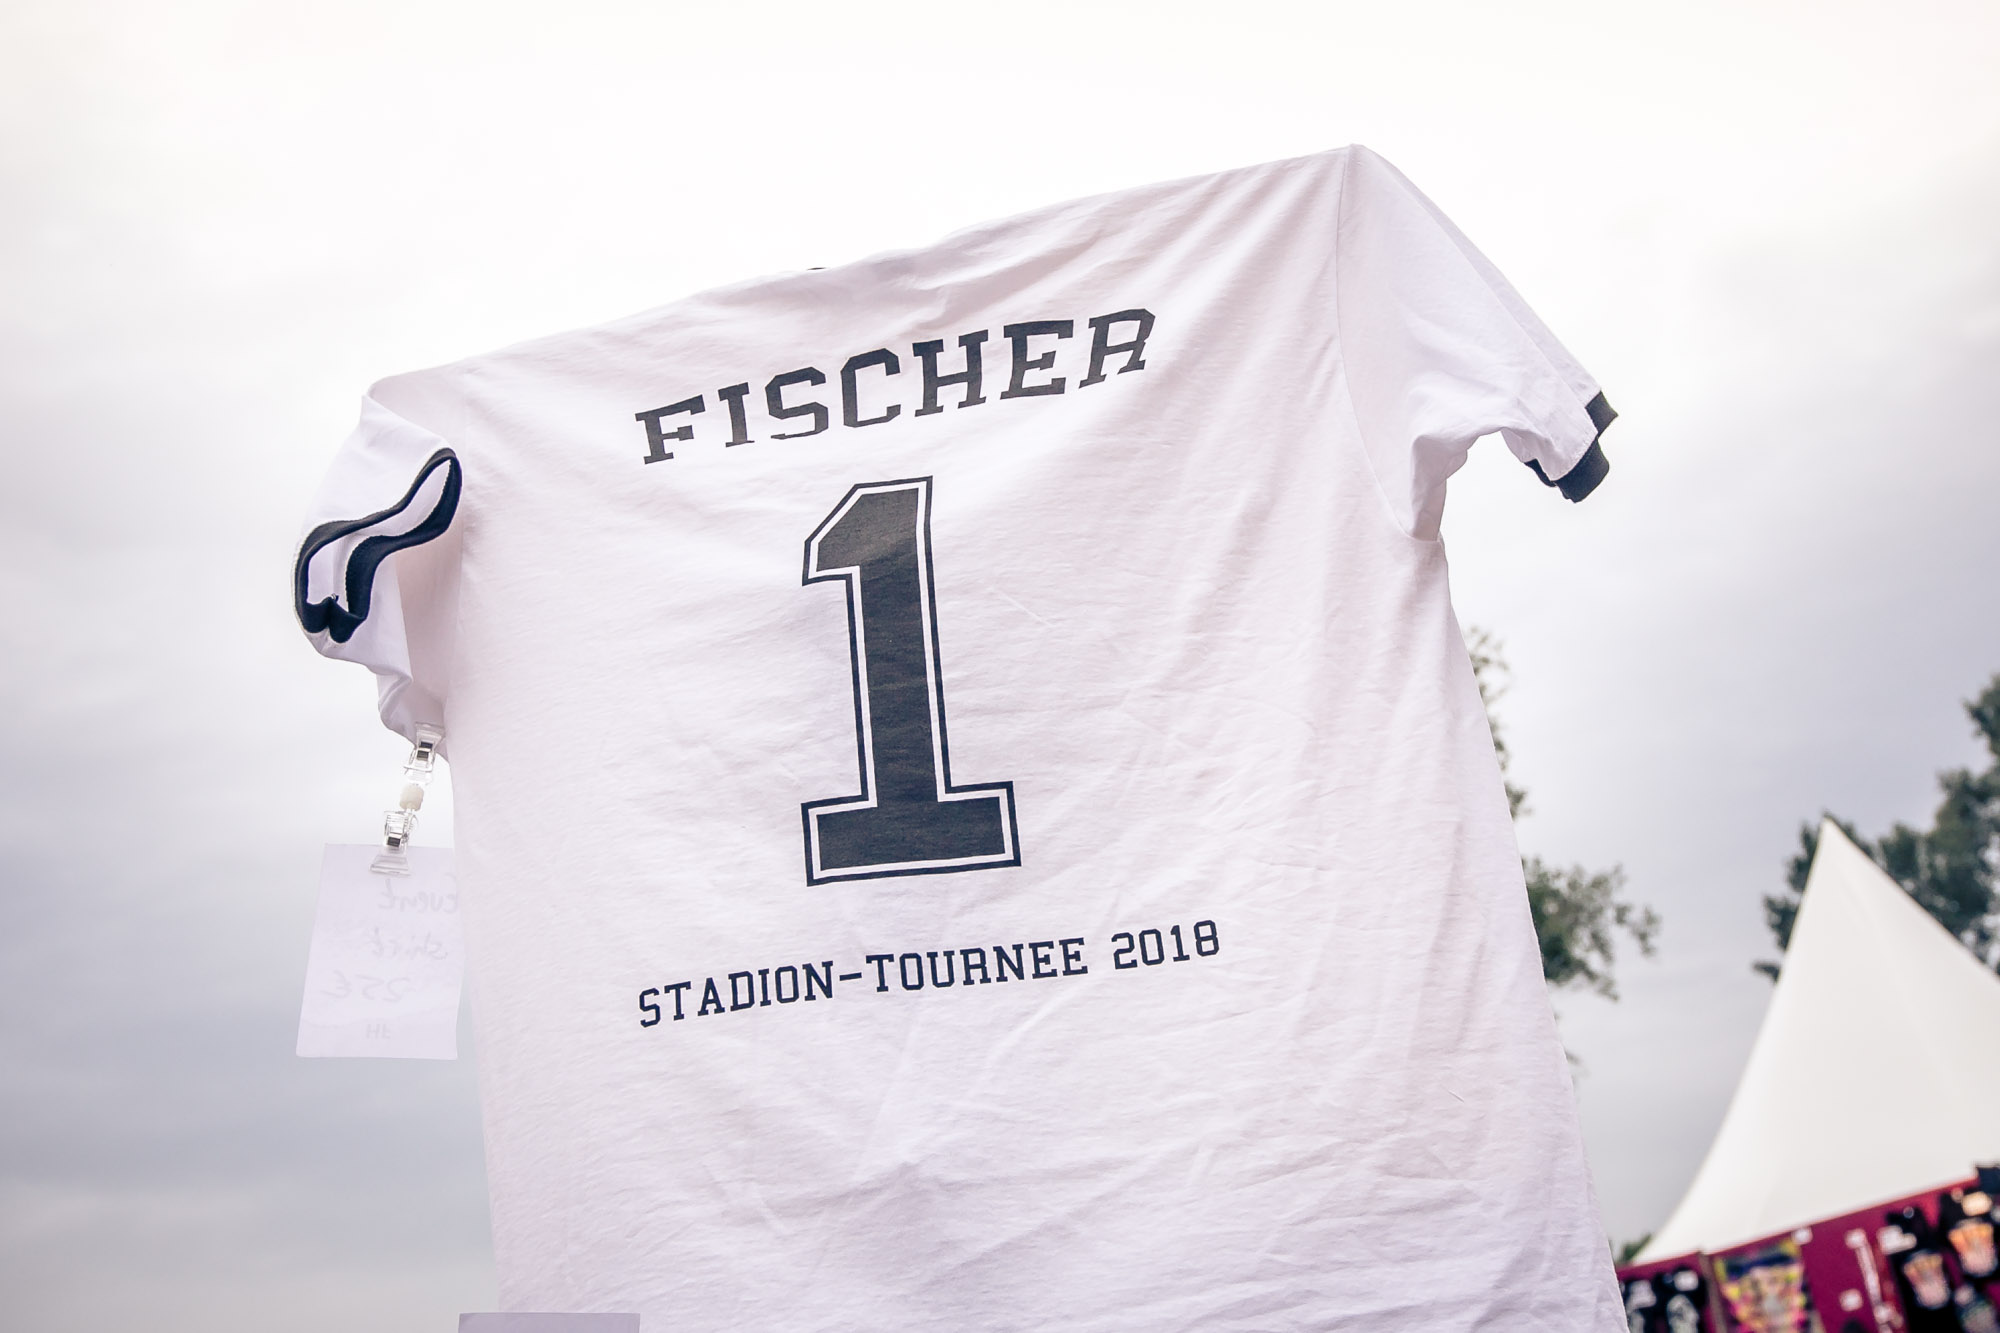 Helene Fischer @ Ernst Happel Stadion